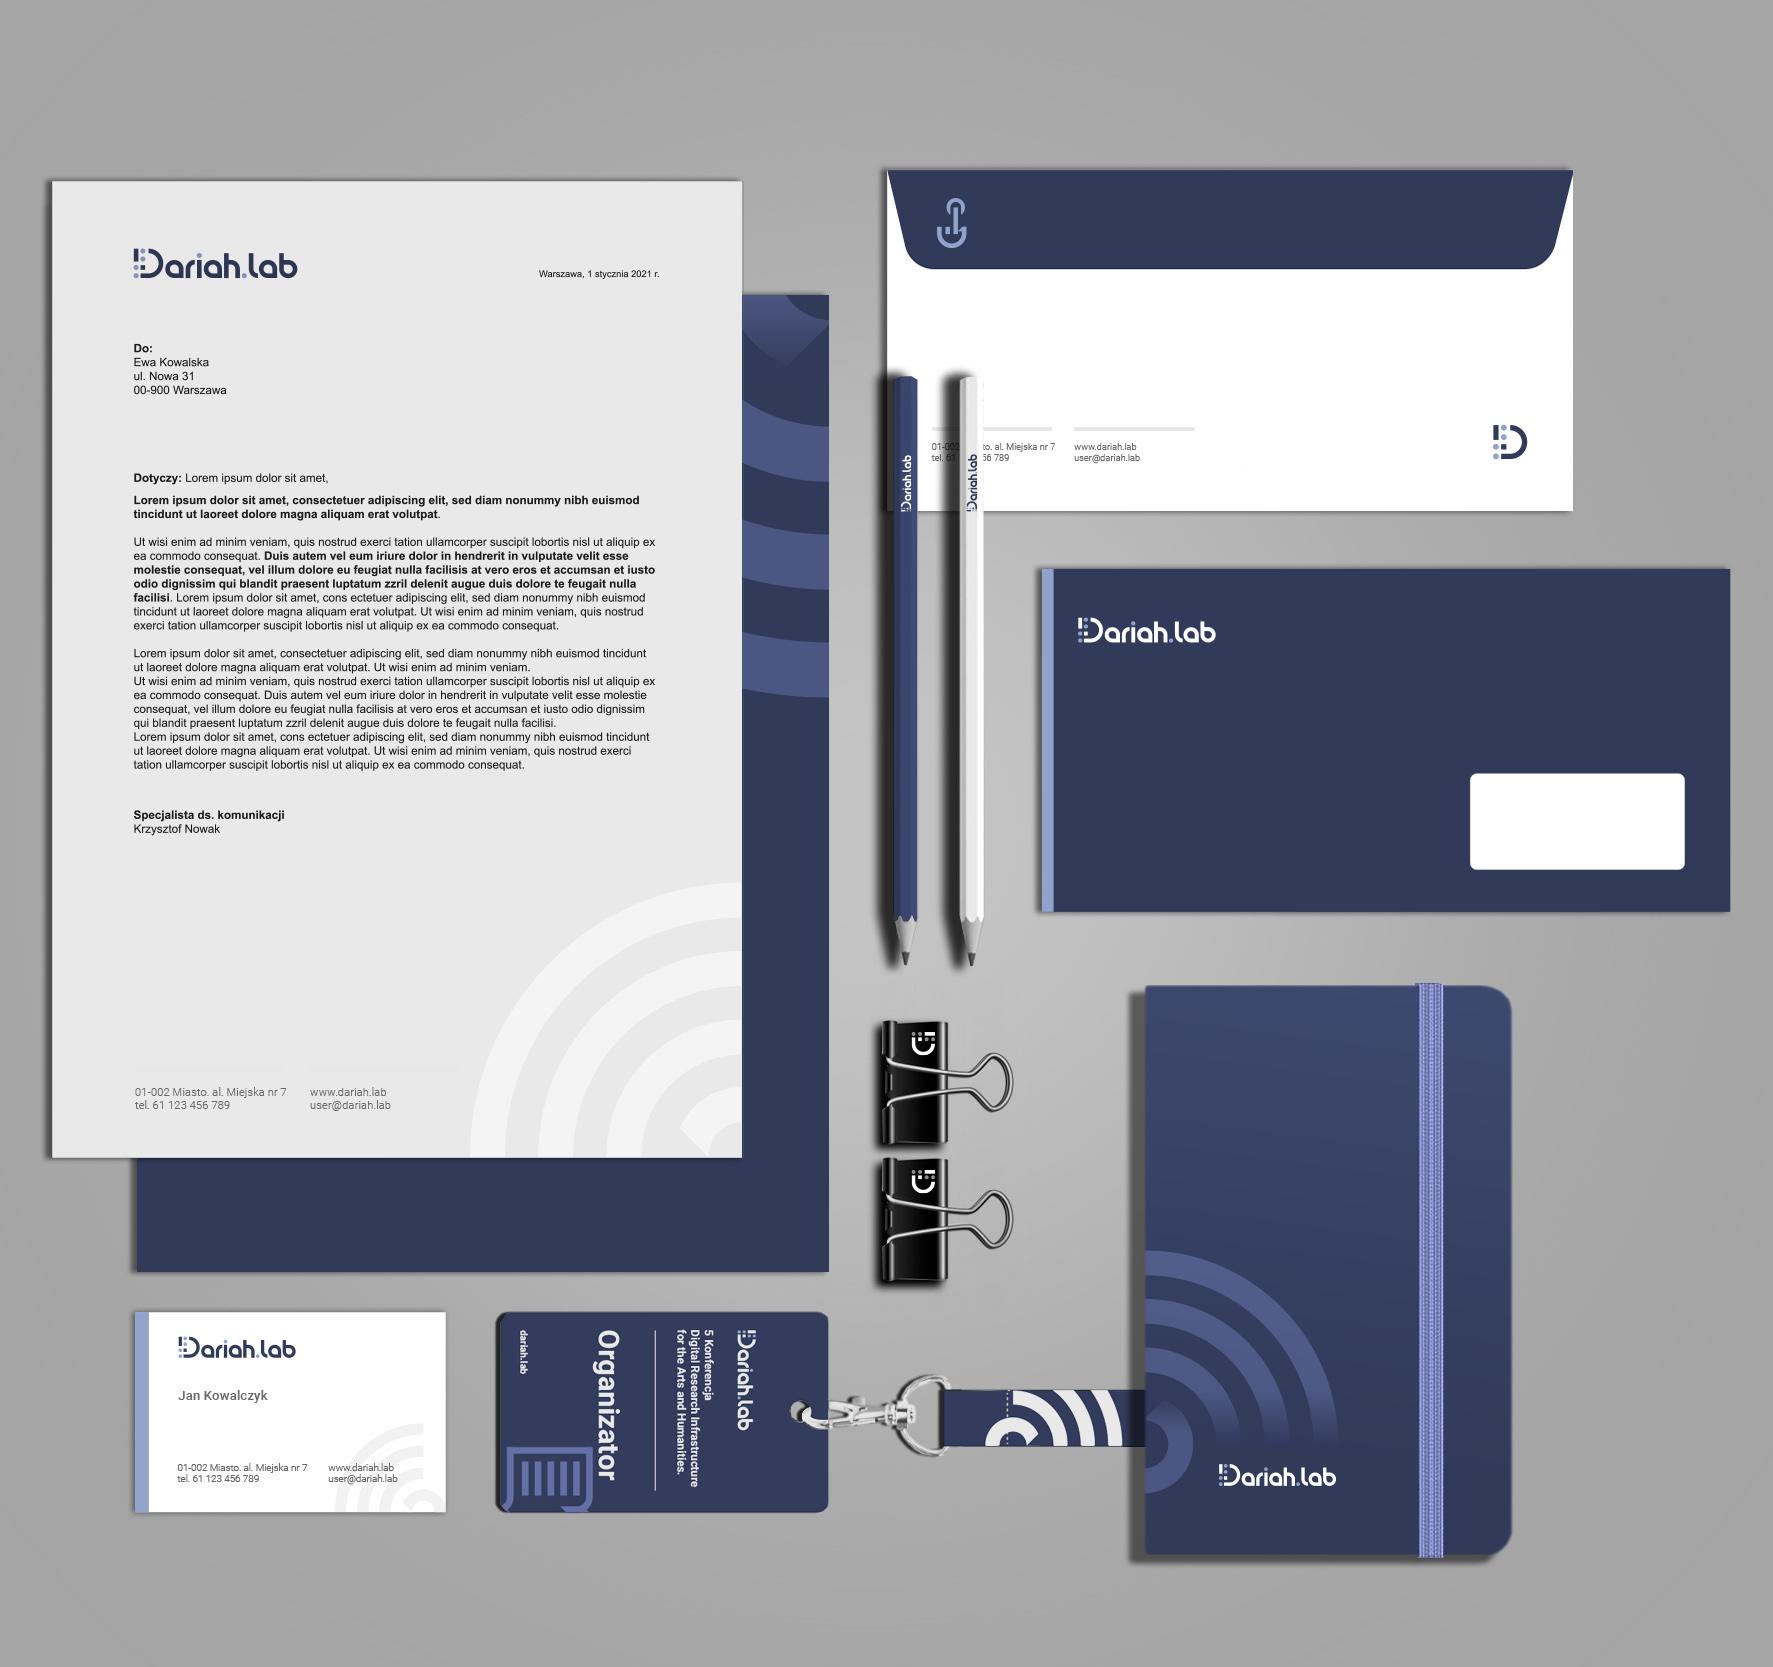 Dariah.lab - Identyfikacja wizualna - akcedensy, gadżety, reklama, design